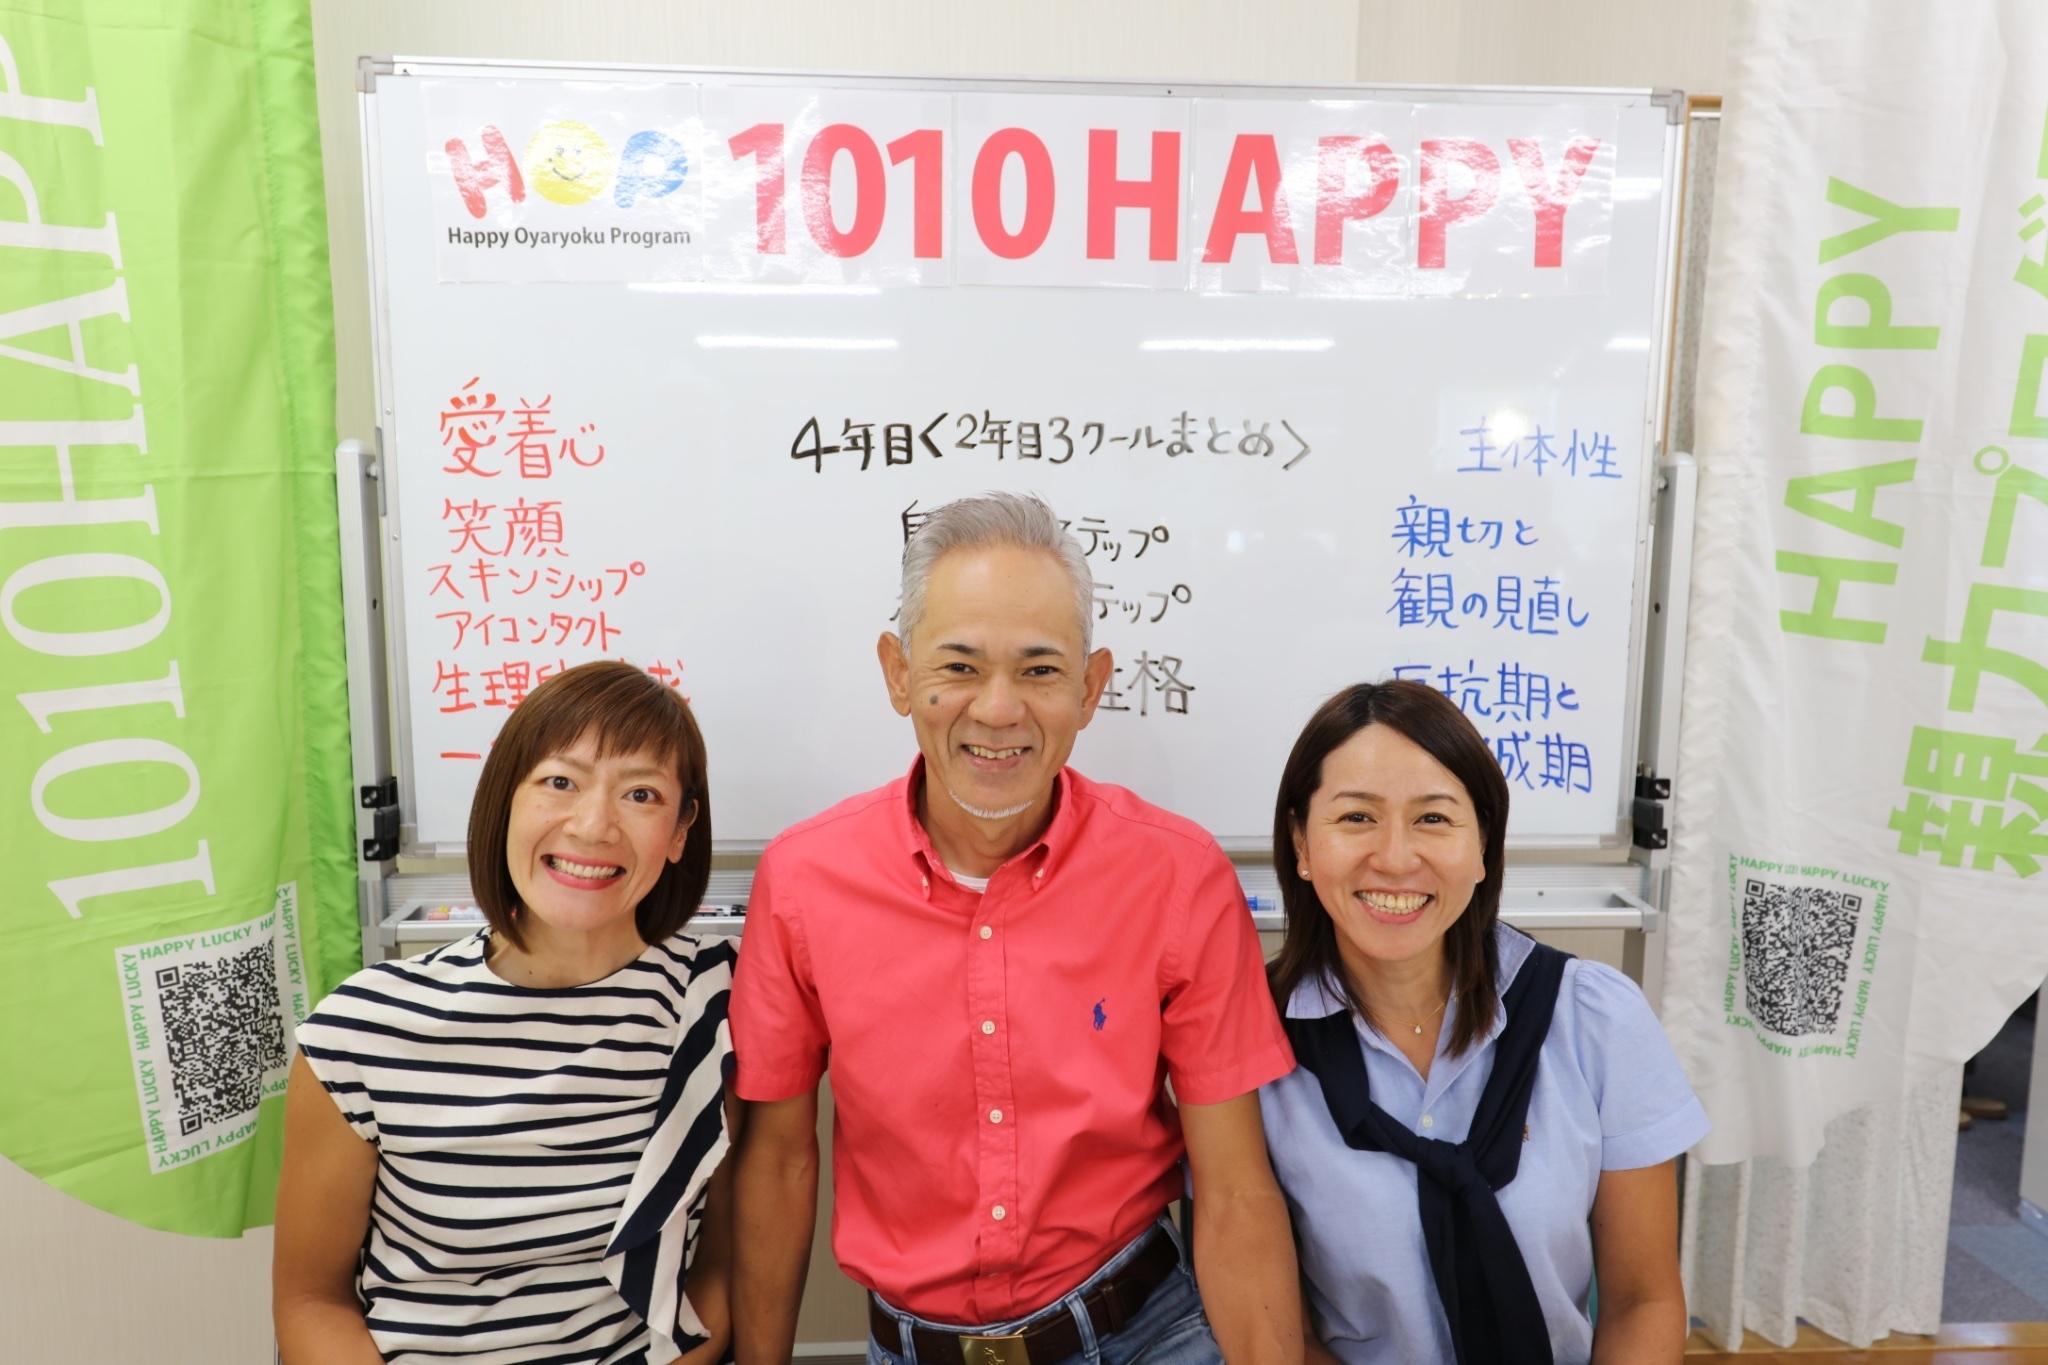 7月1010HAPPYは動画でお届け❣️〜先生の講話より〜